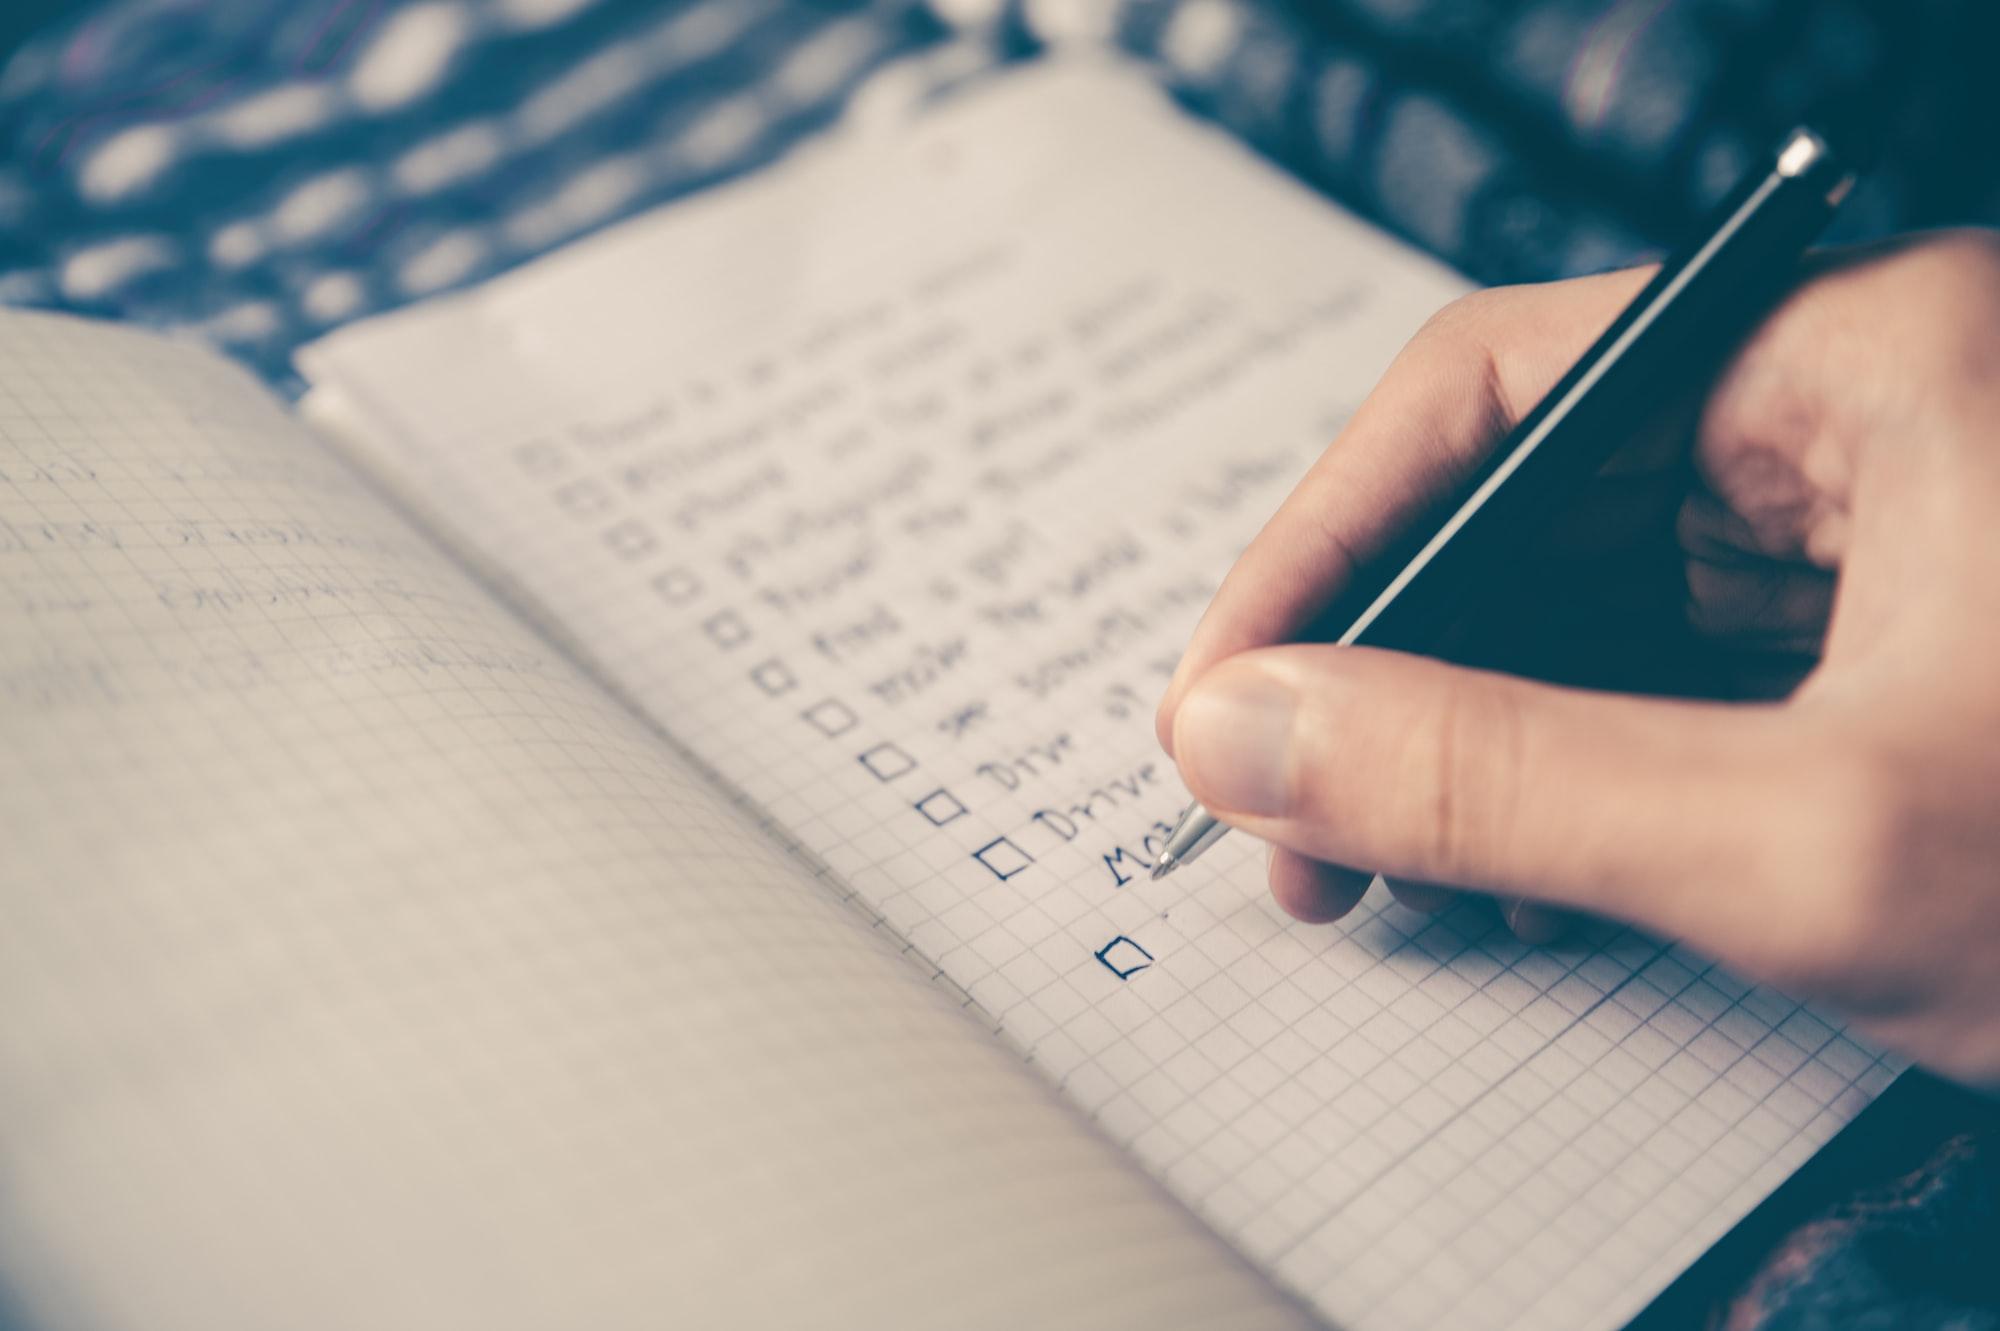 personne qui rédiger sa to do list, sa liste de choses à faire